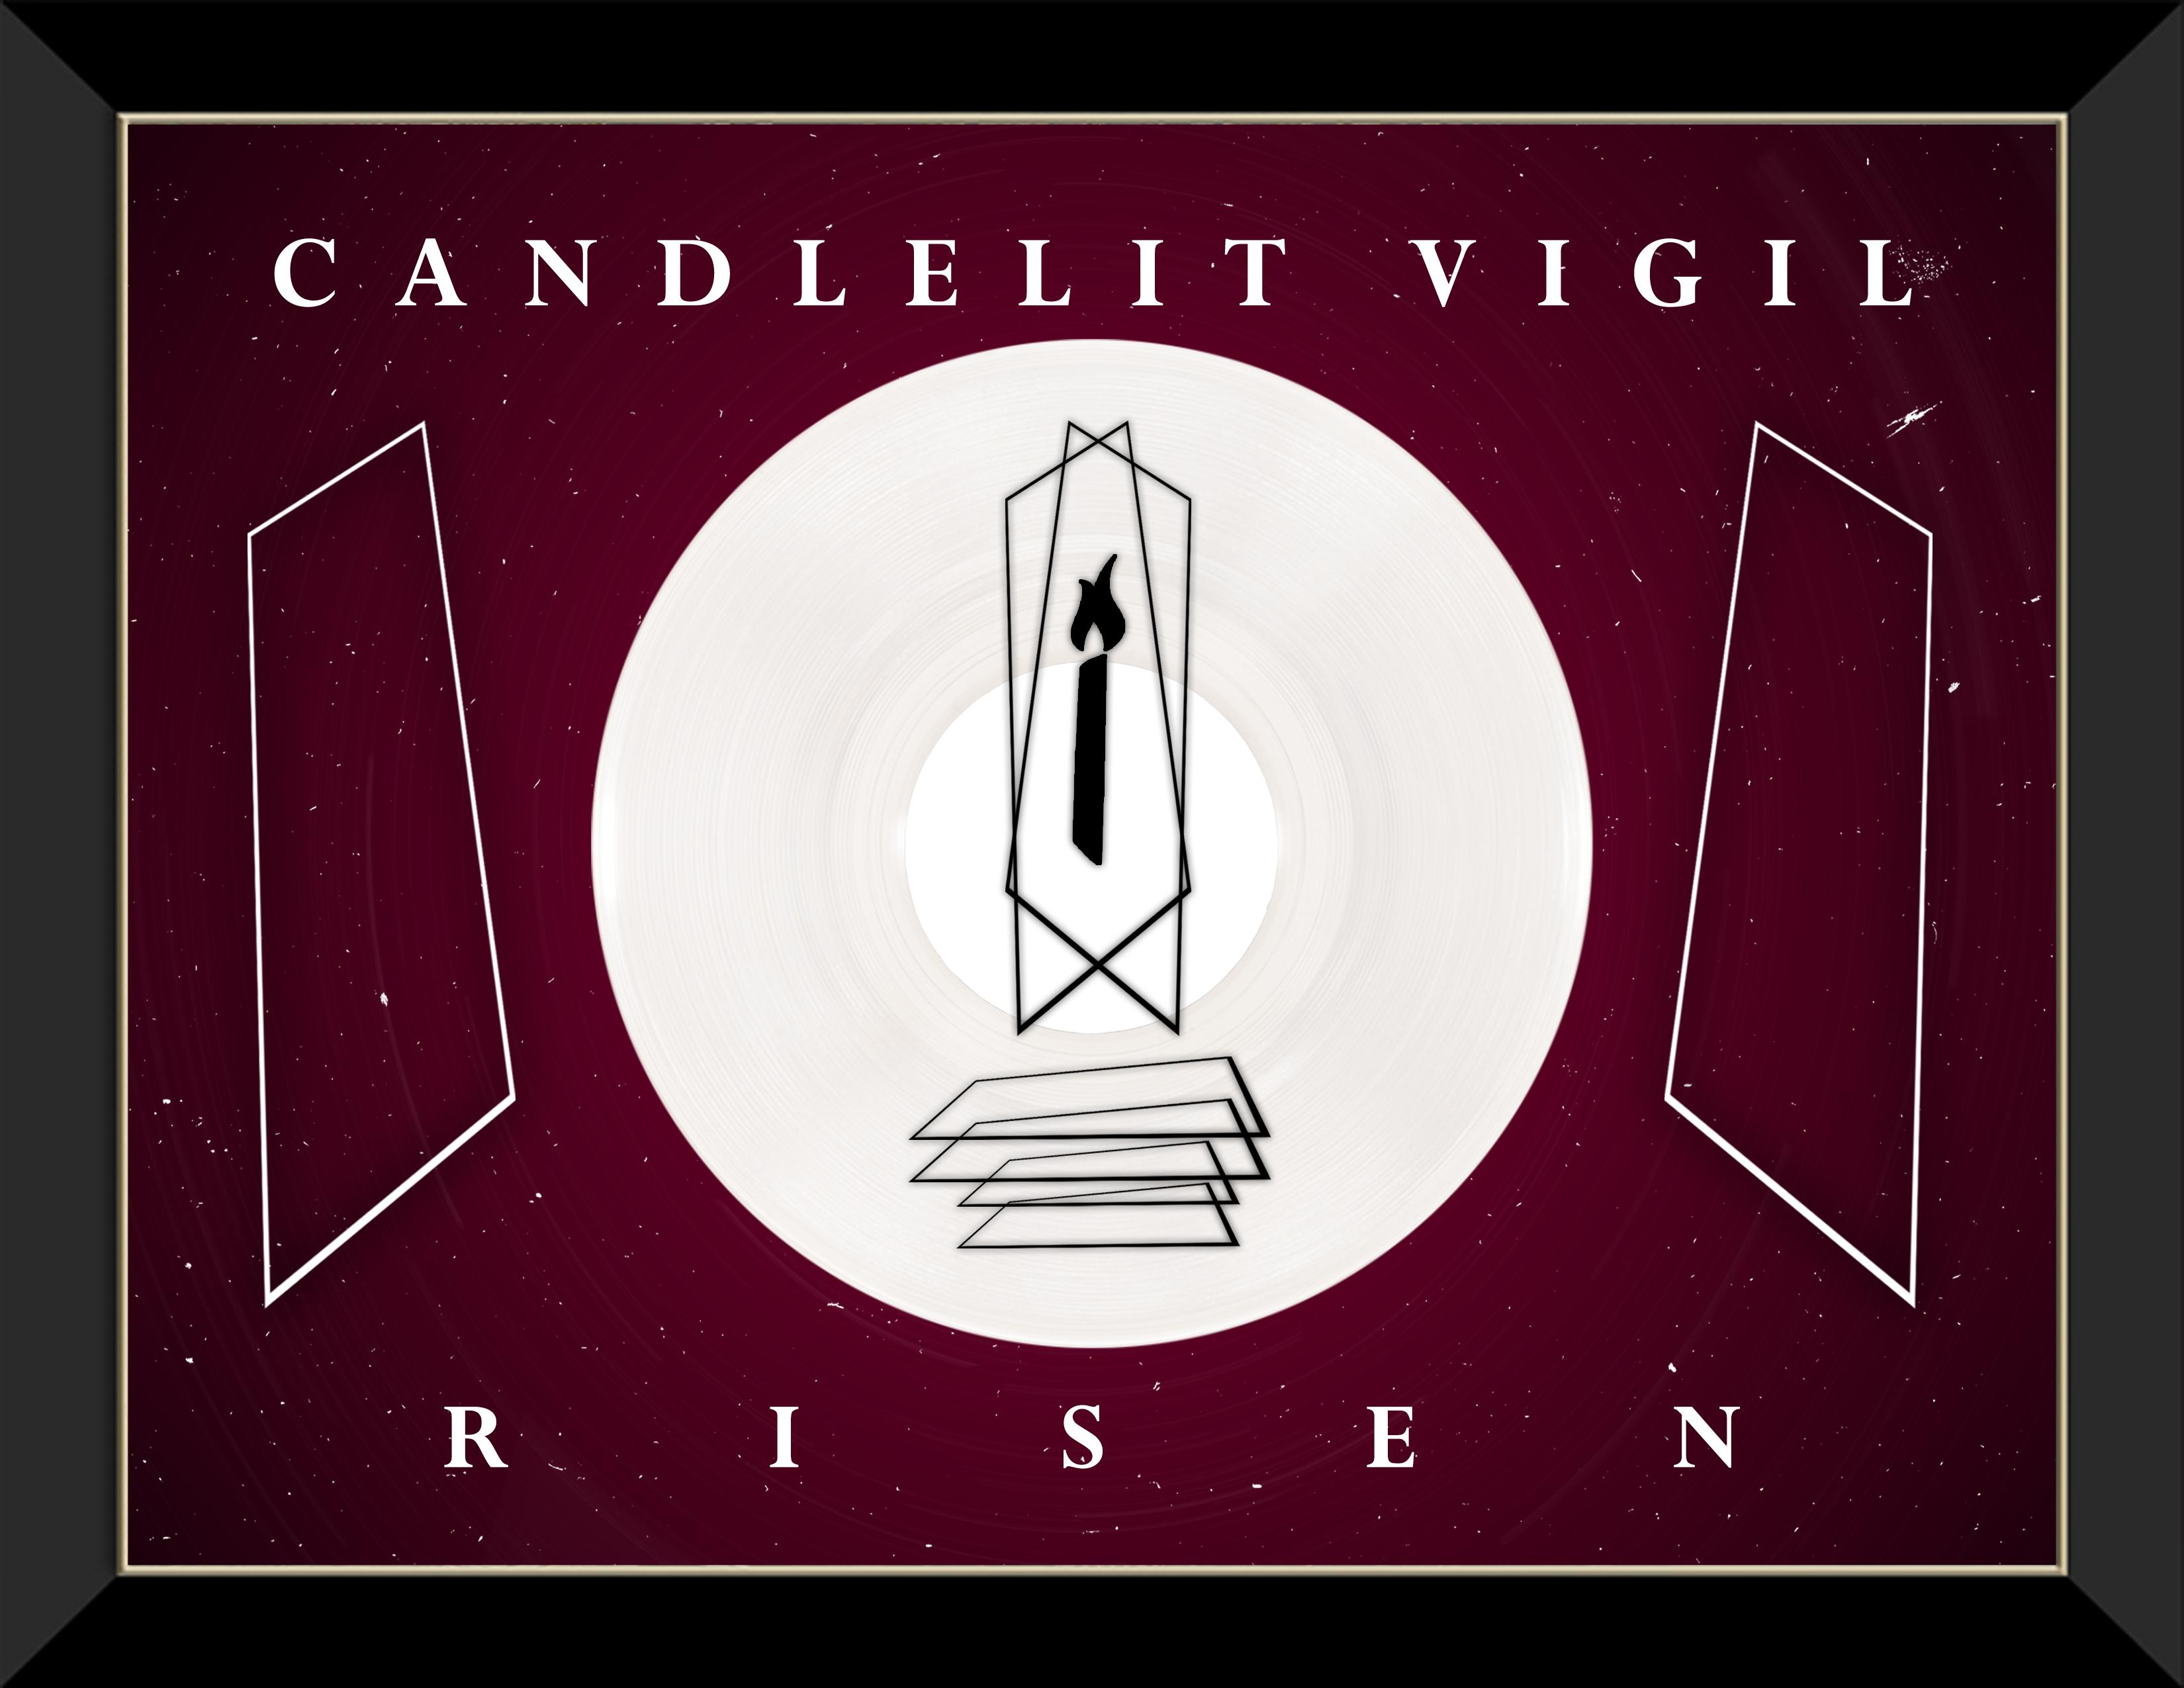 Album Release Plaque